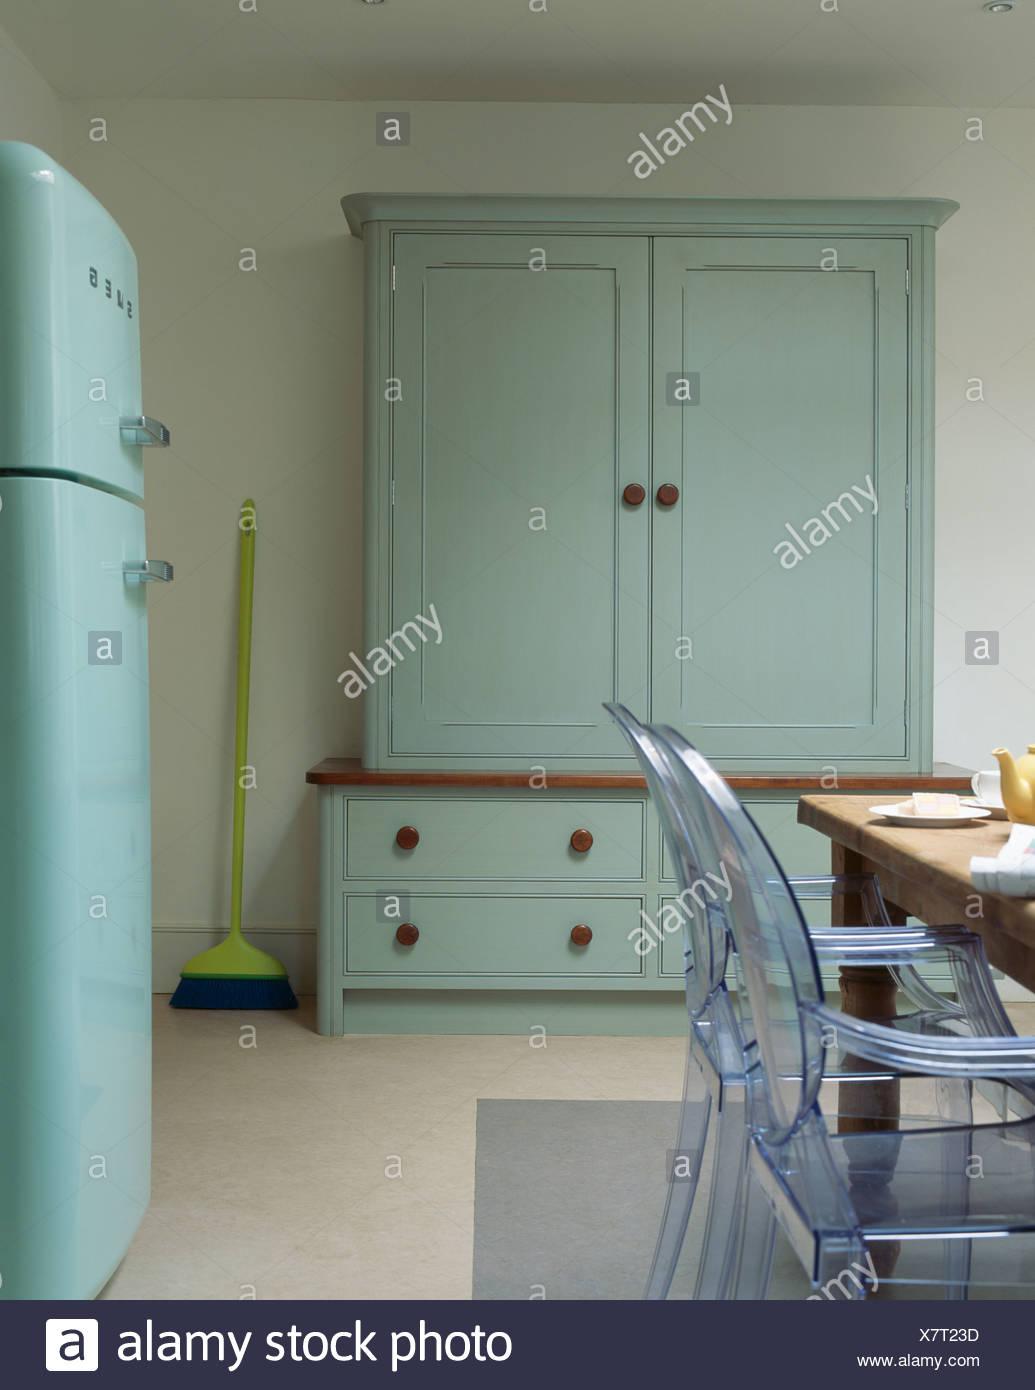 Ausgezeichnet Landhausstil Küche Tische Und Stühle Galerie - Ideen ...